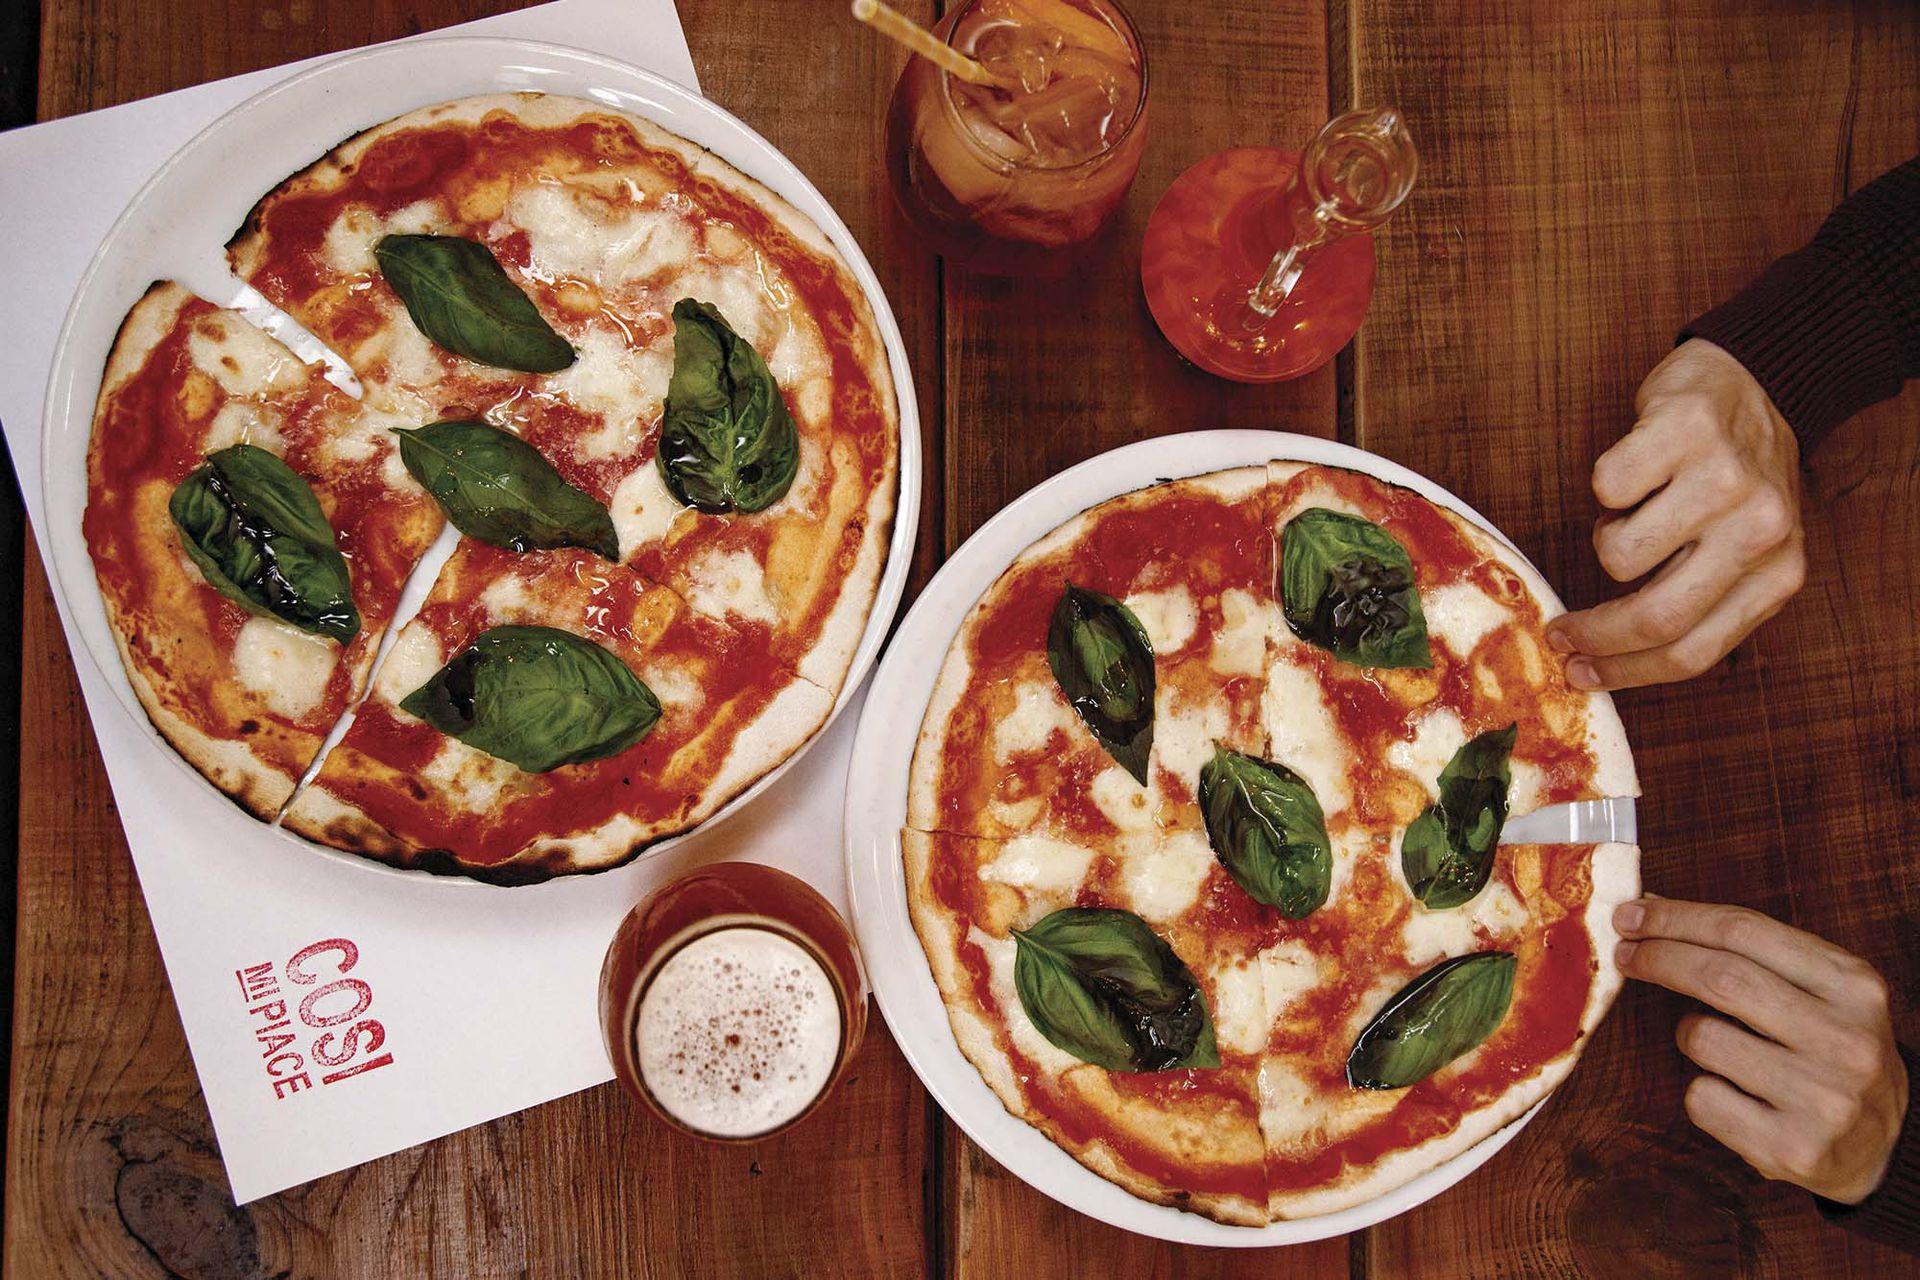 """Reina la pizza romana, que se diferencia de la napolitana por su masa crujiente y porque casi no tiene """"cornicione"""", o """"culito de la pizza""""."""